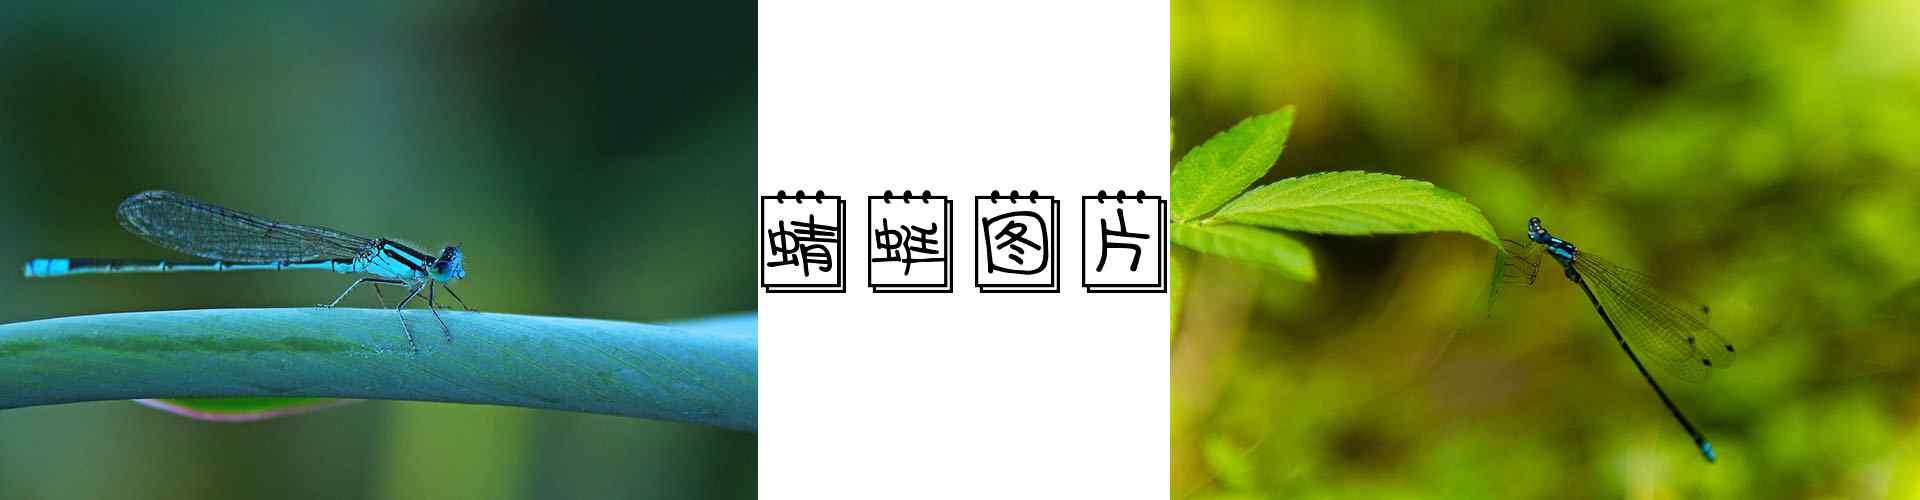 蜻蜓_蜻蜓图片_红蜻蜓图片_蓝蜻蜓图片_蜻蜓桌面壁纸、手机壁纸_动物壁纸